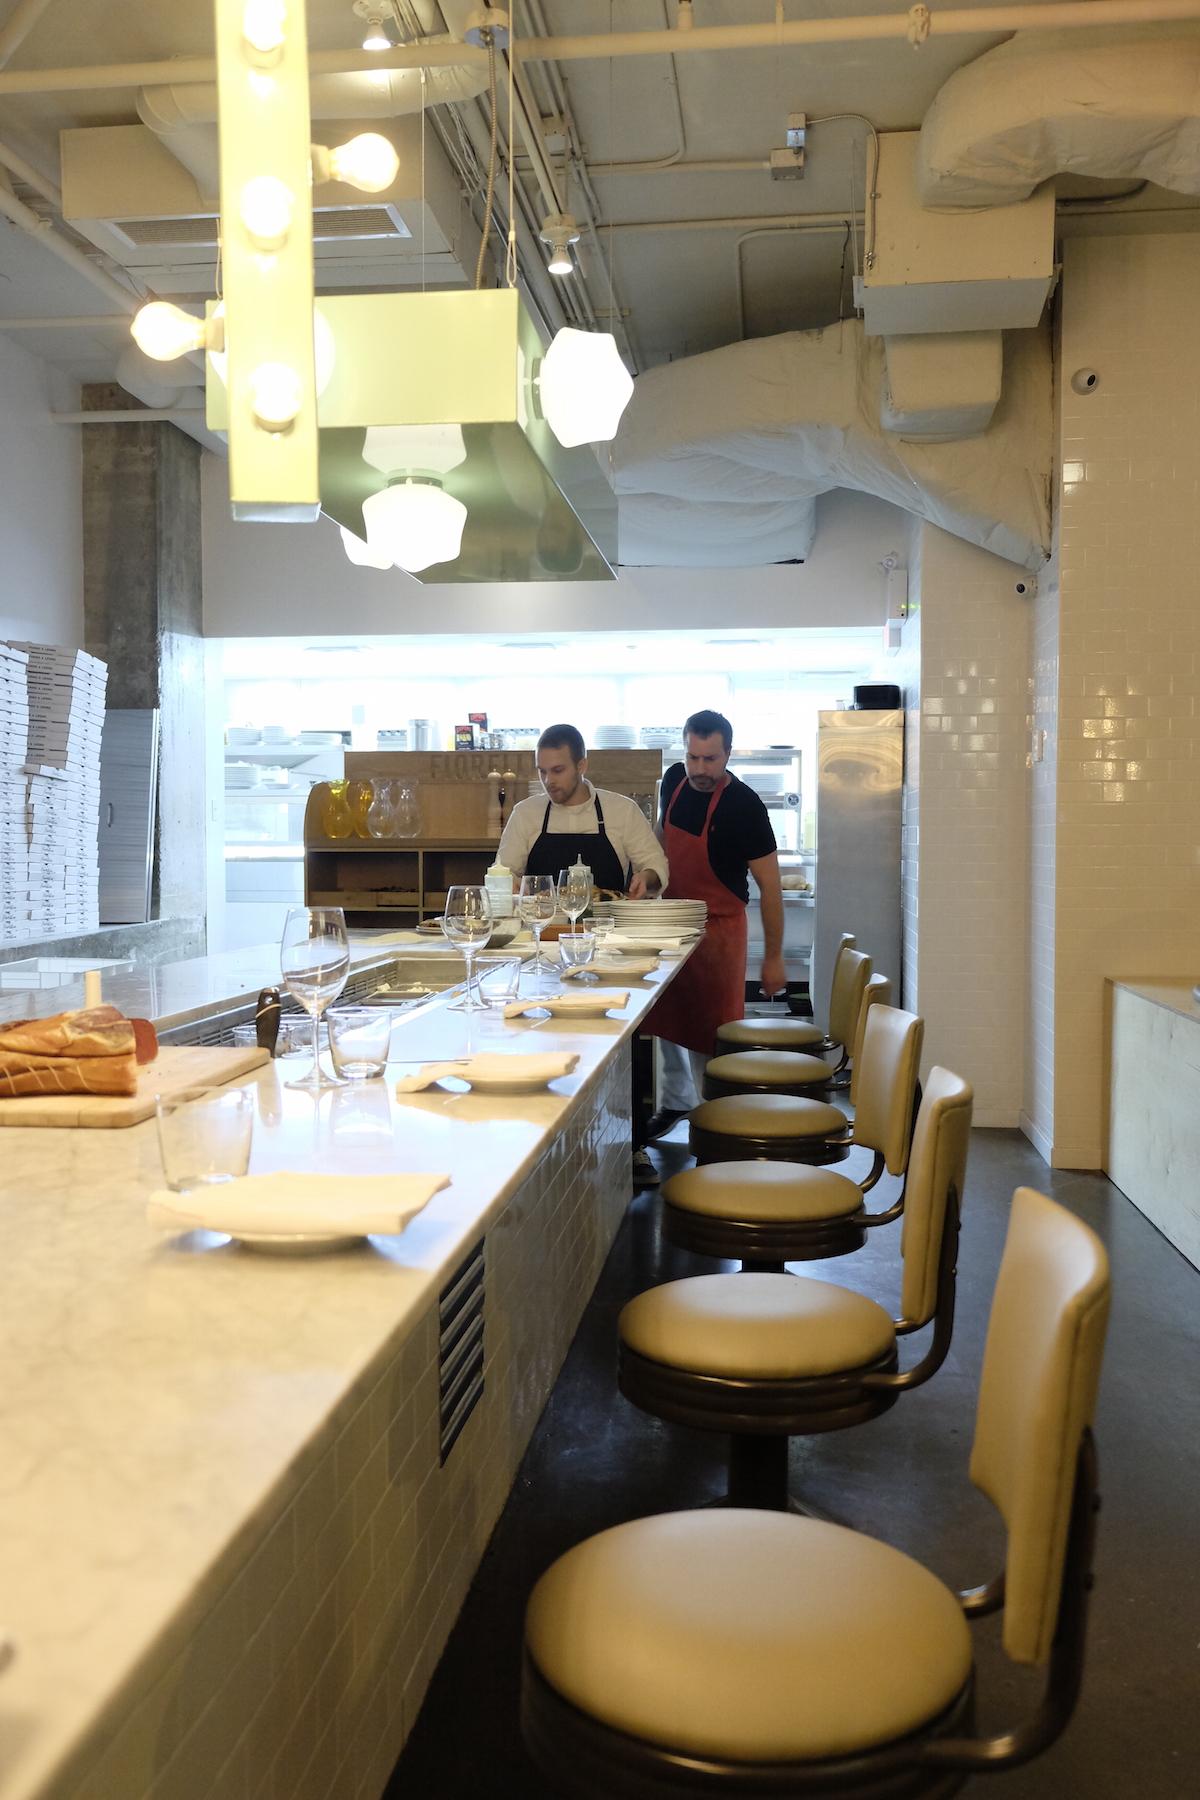 Fiorellino_Italien_restaurant_Querelles22